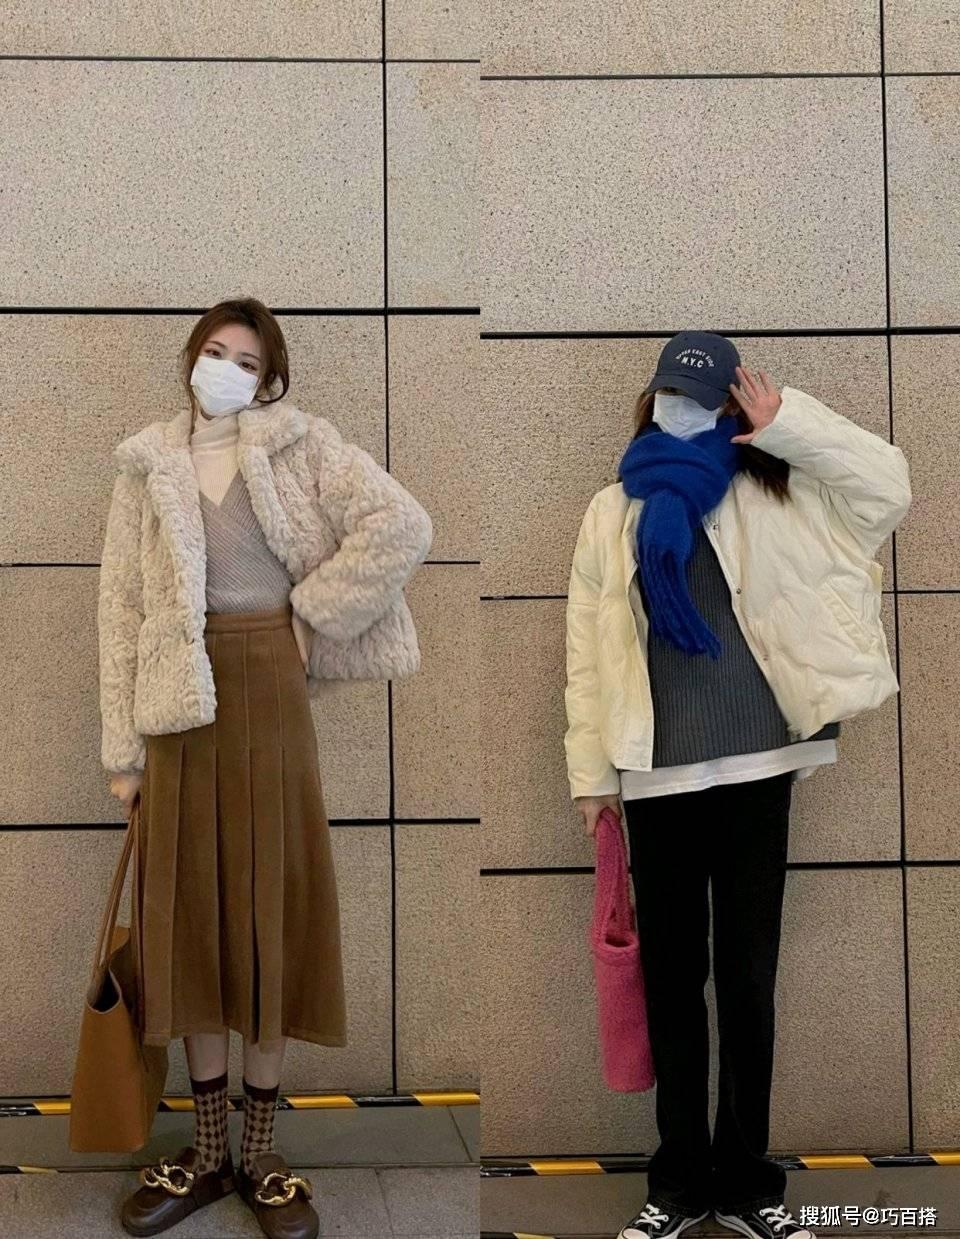 原创             娇小女生怎么穿?一整套都给你搭配好了,冬季直接复制气质还显高